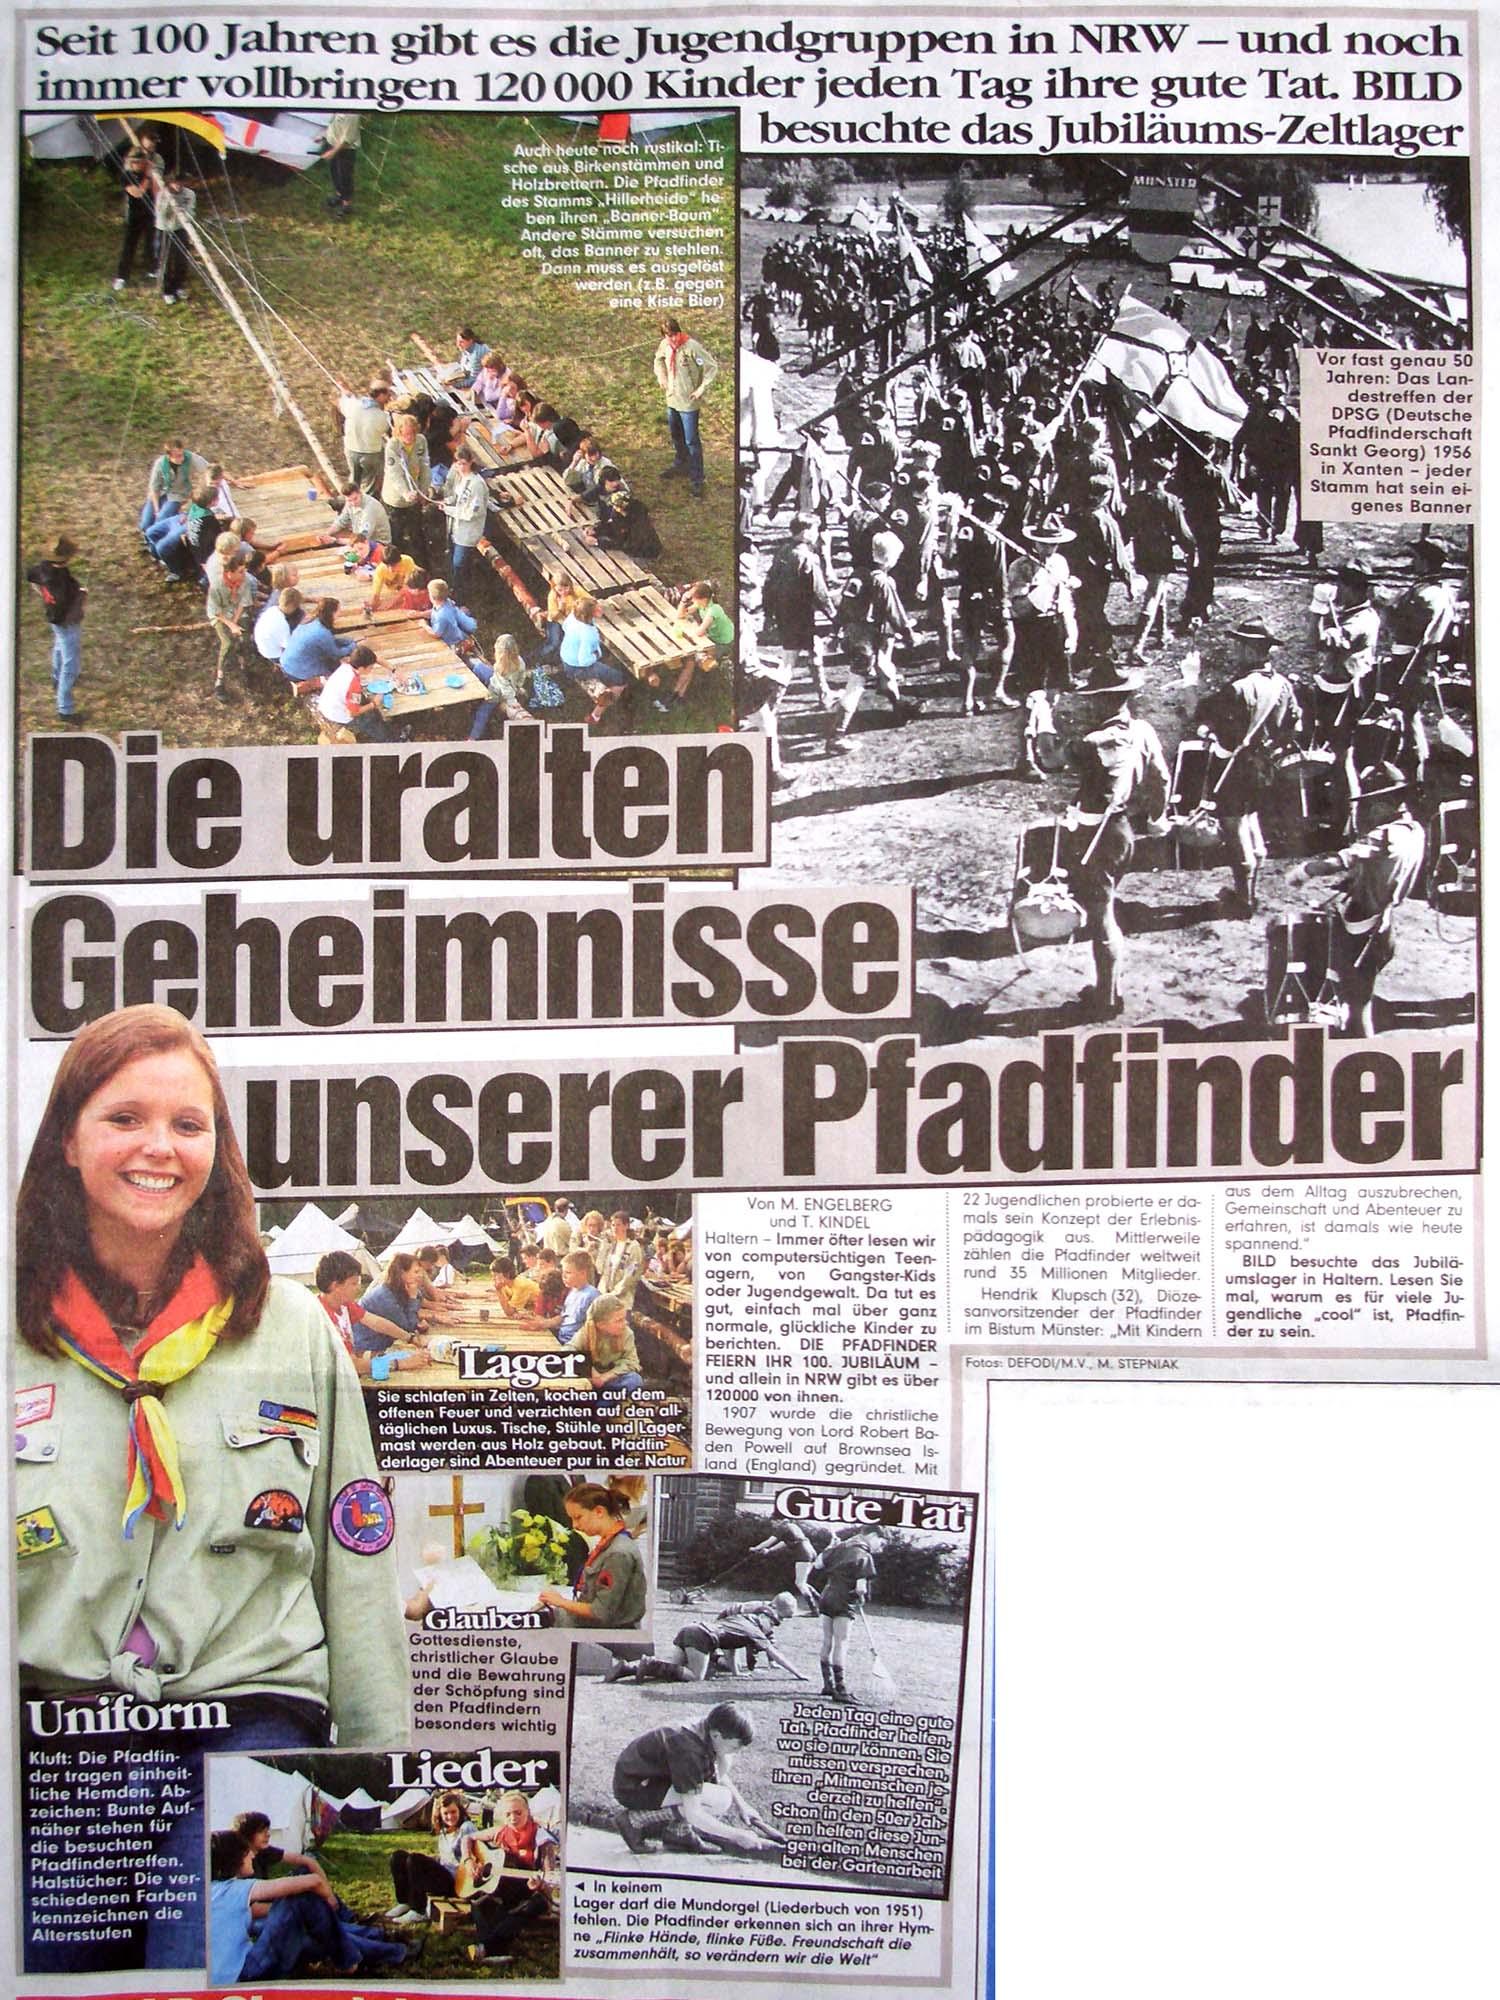 Zeitungsartikel Die uralten Geheimnisse unserer Pfadfinder, Bild 30.7.2007